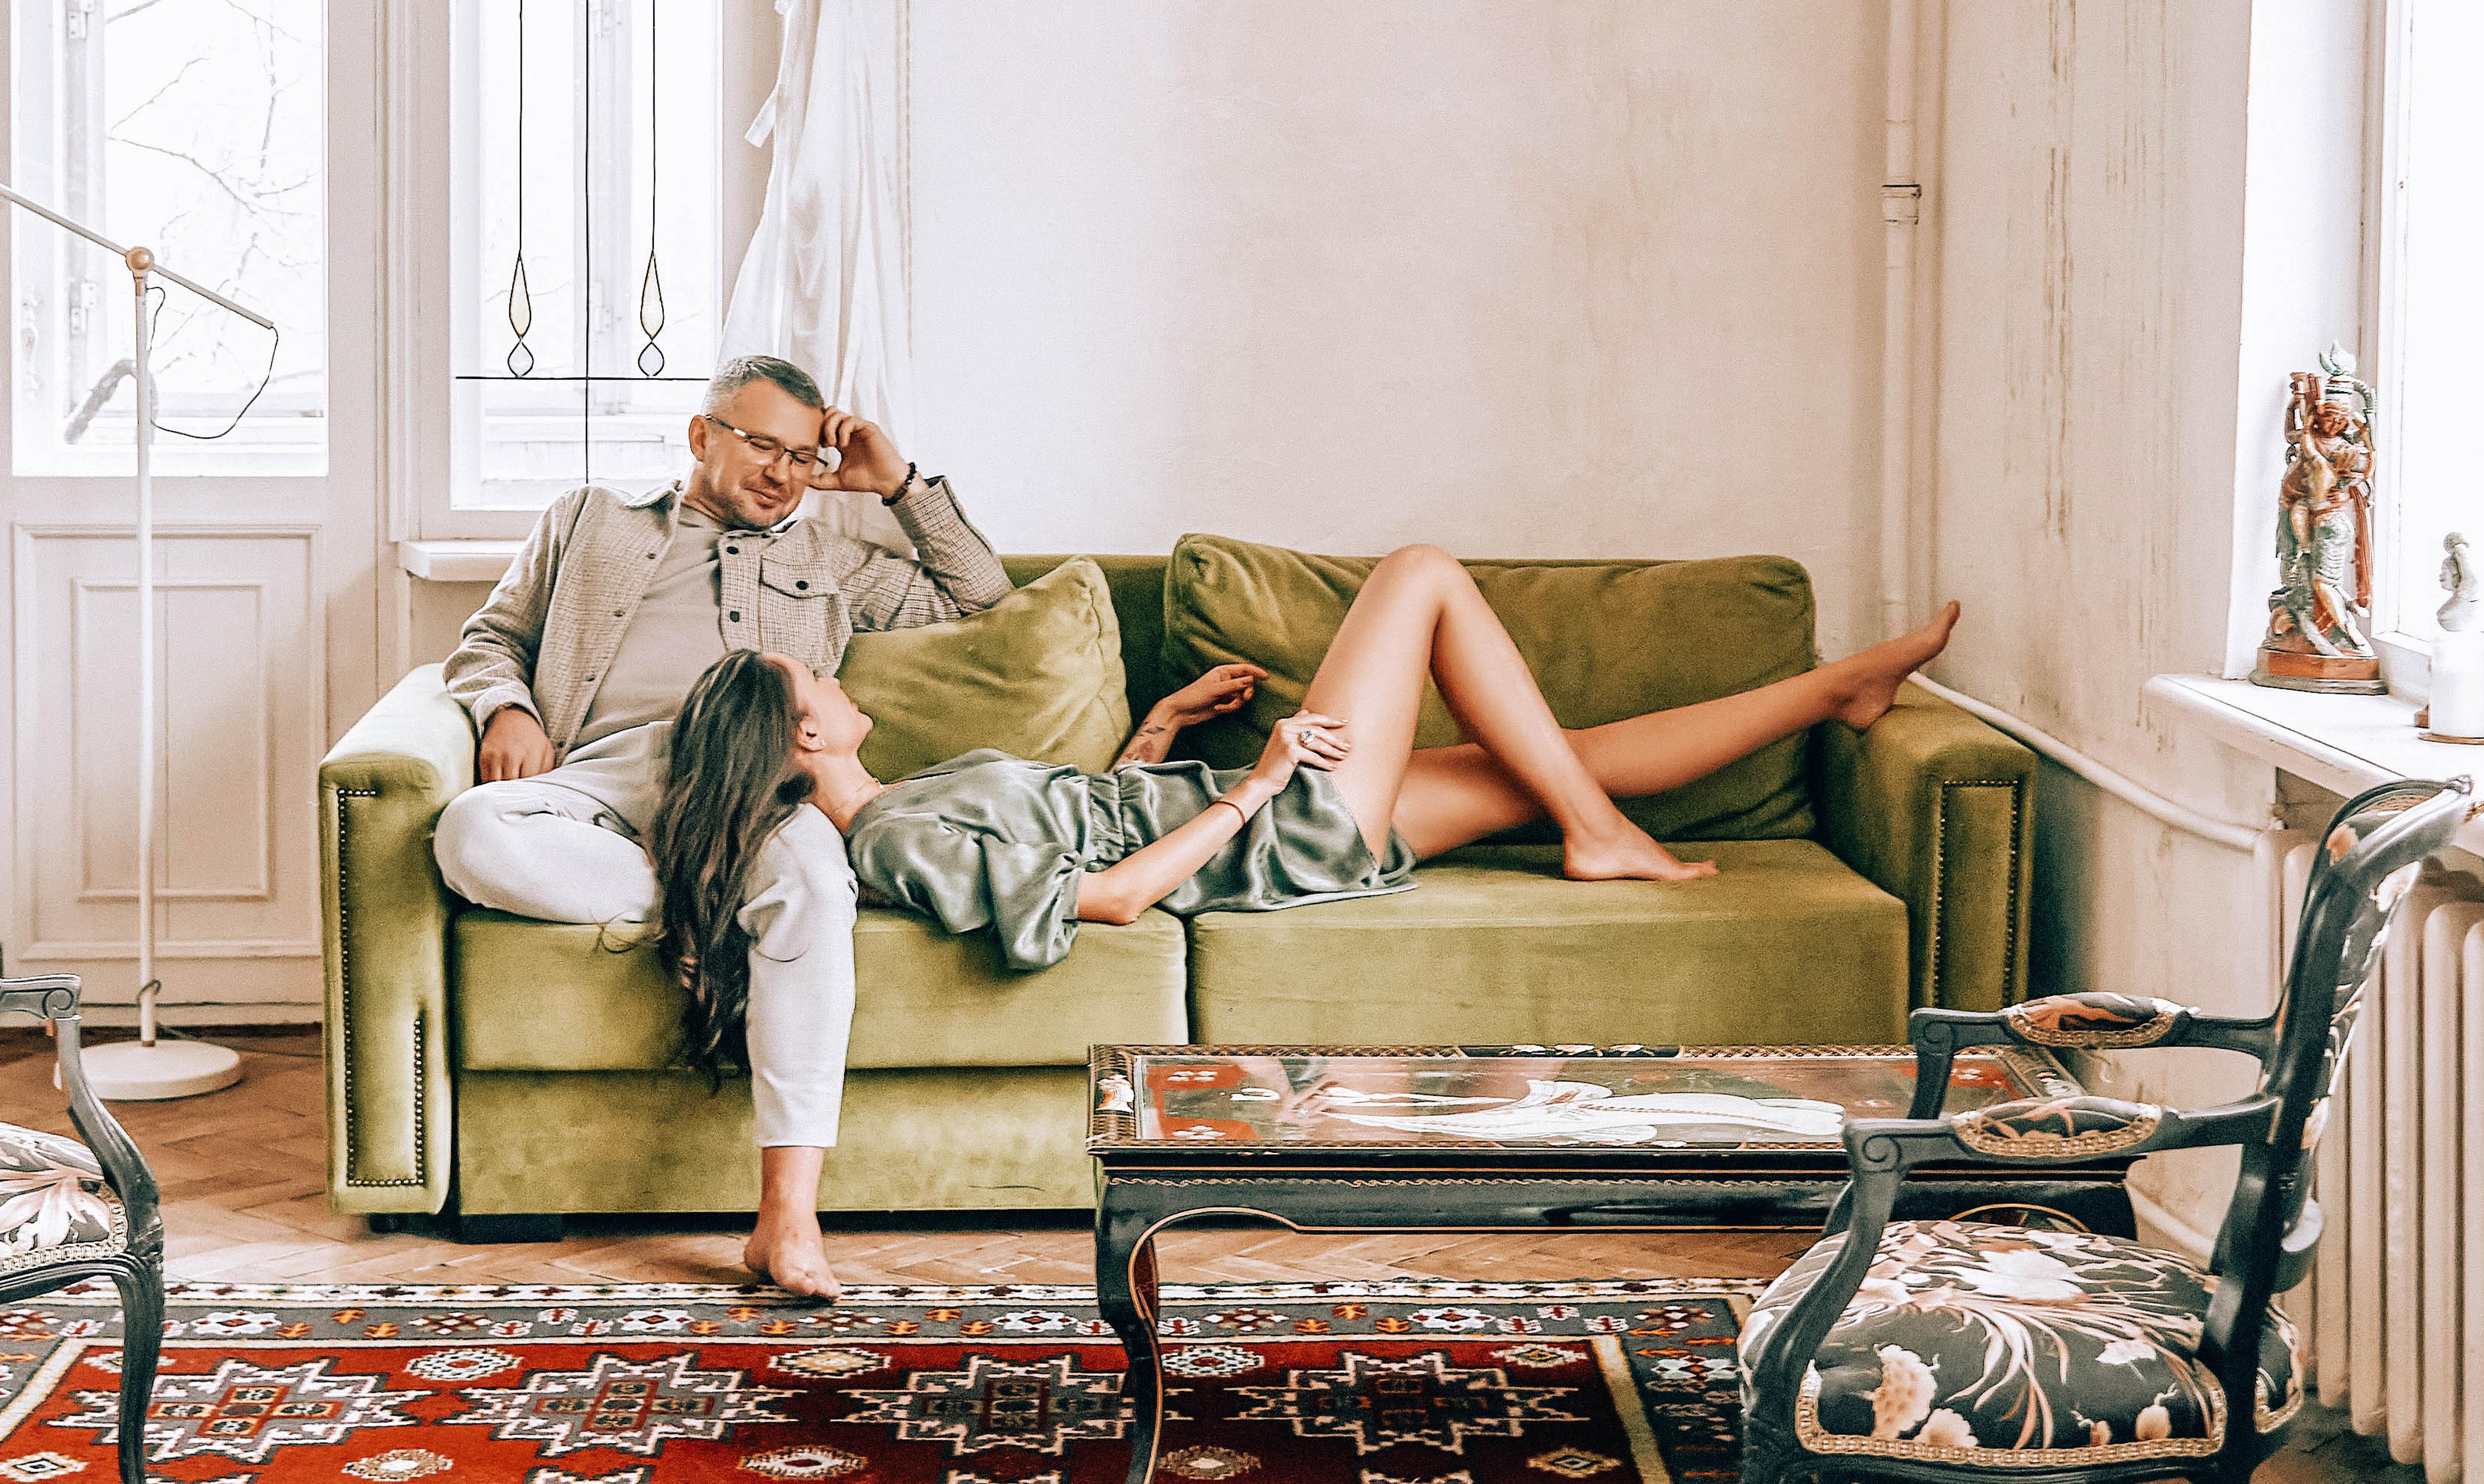 Этапы и кризисы семейных отношений: авторская колонка Сергея Климанова